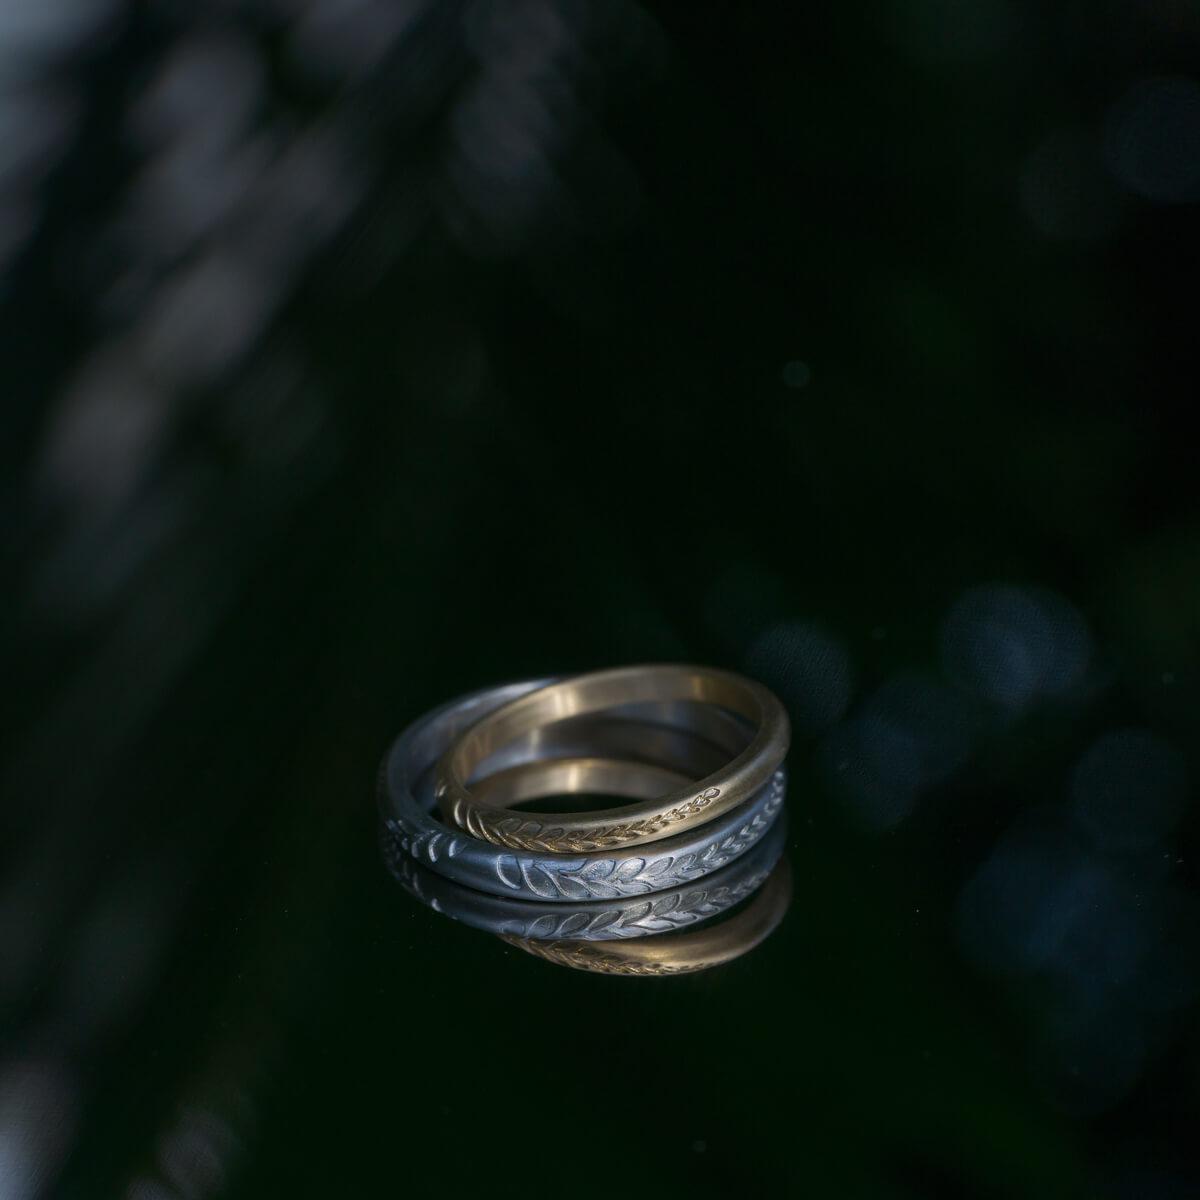 場面2 オーダーメイドマリッジリング 屋久島の緑バック プラチナ、ゴールド 屋久島のシダモチーフ 屋久島でつくる結婚指輪